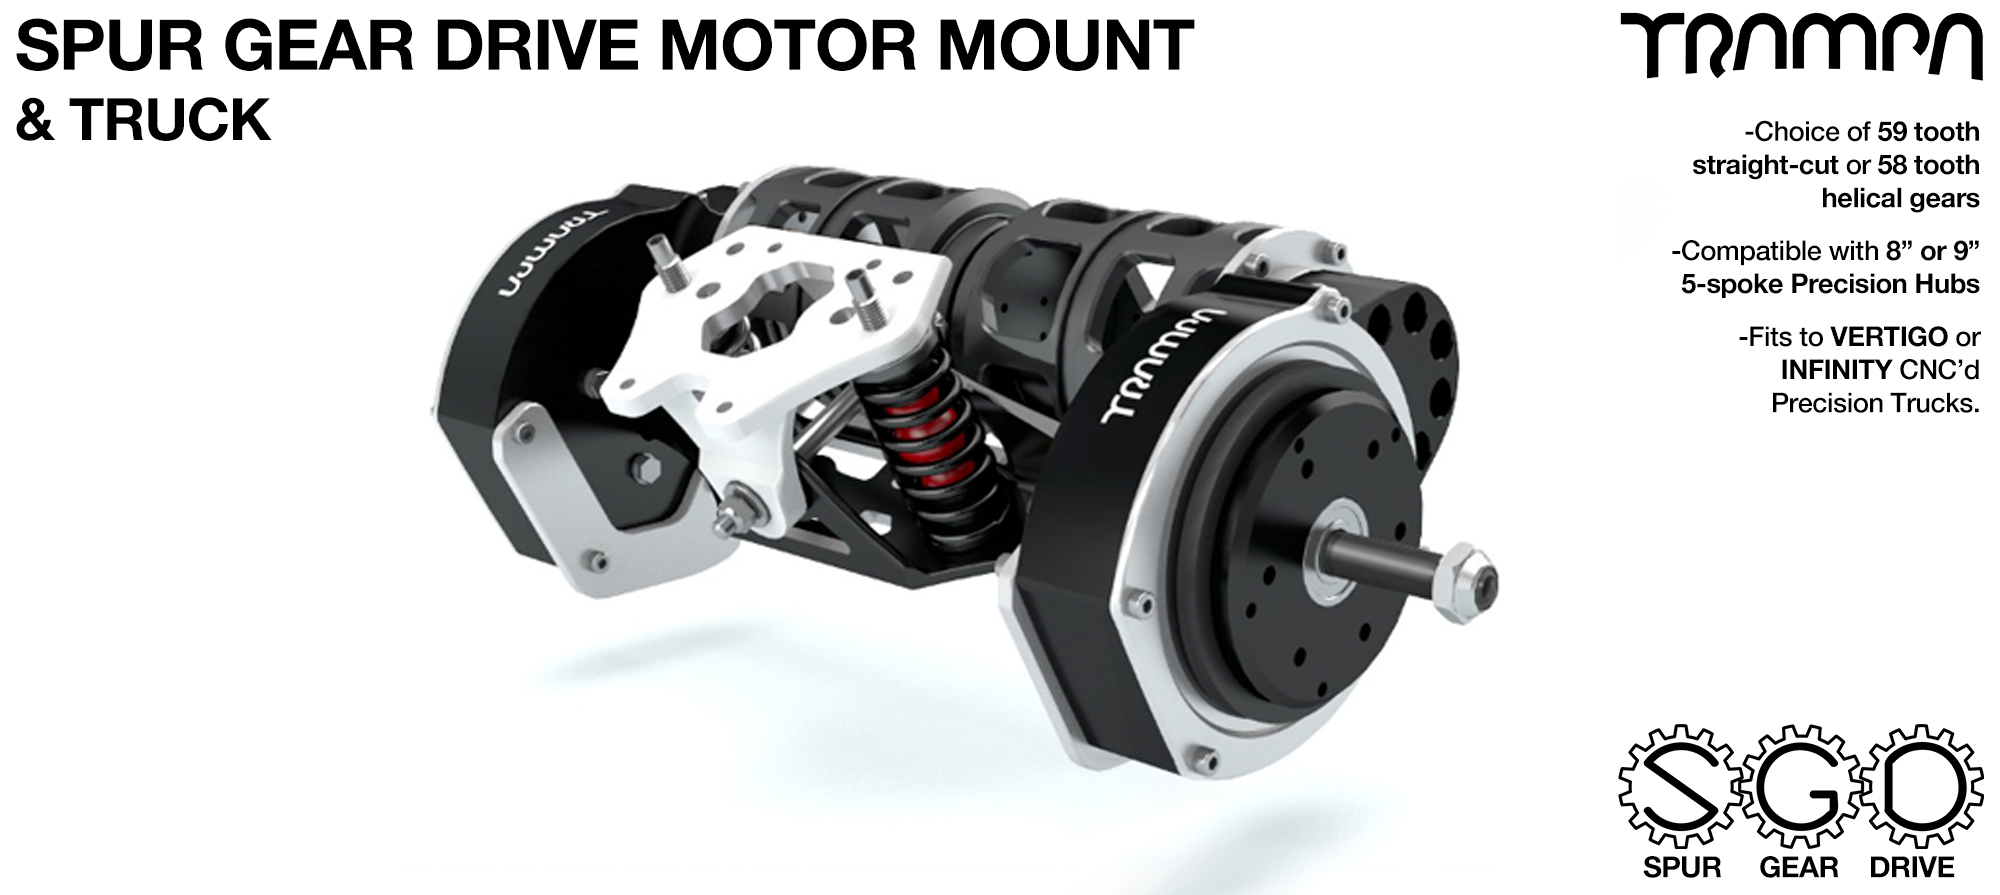 Mountainboard Spur Gear Drive TWIN Motor Mount & TRUCK